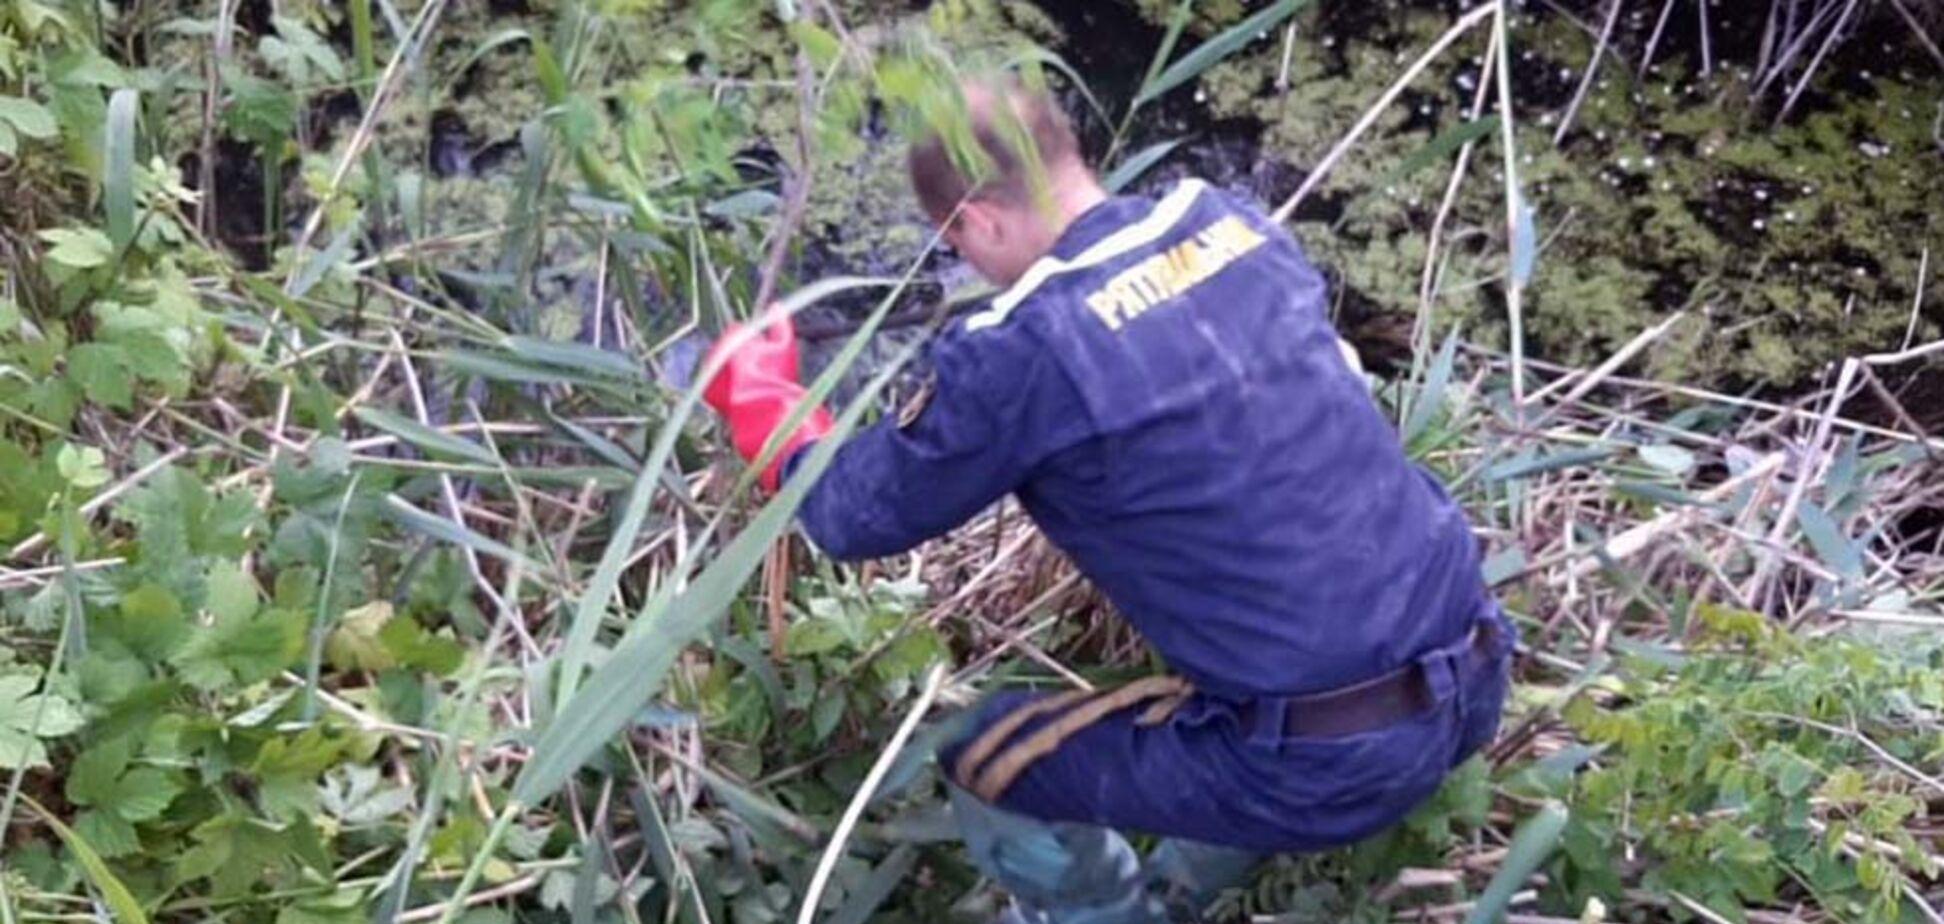 У Дніпрі рятувальники витягли з водойми тіло чоловіка. Фото 18+